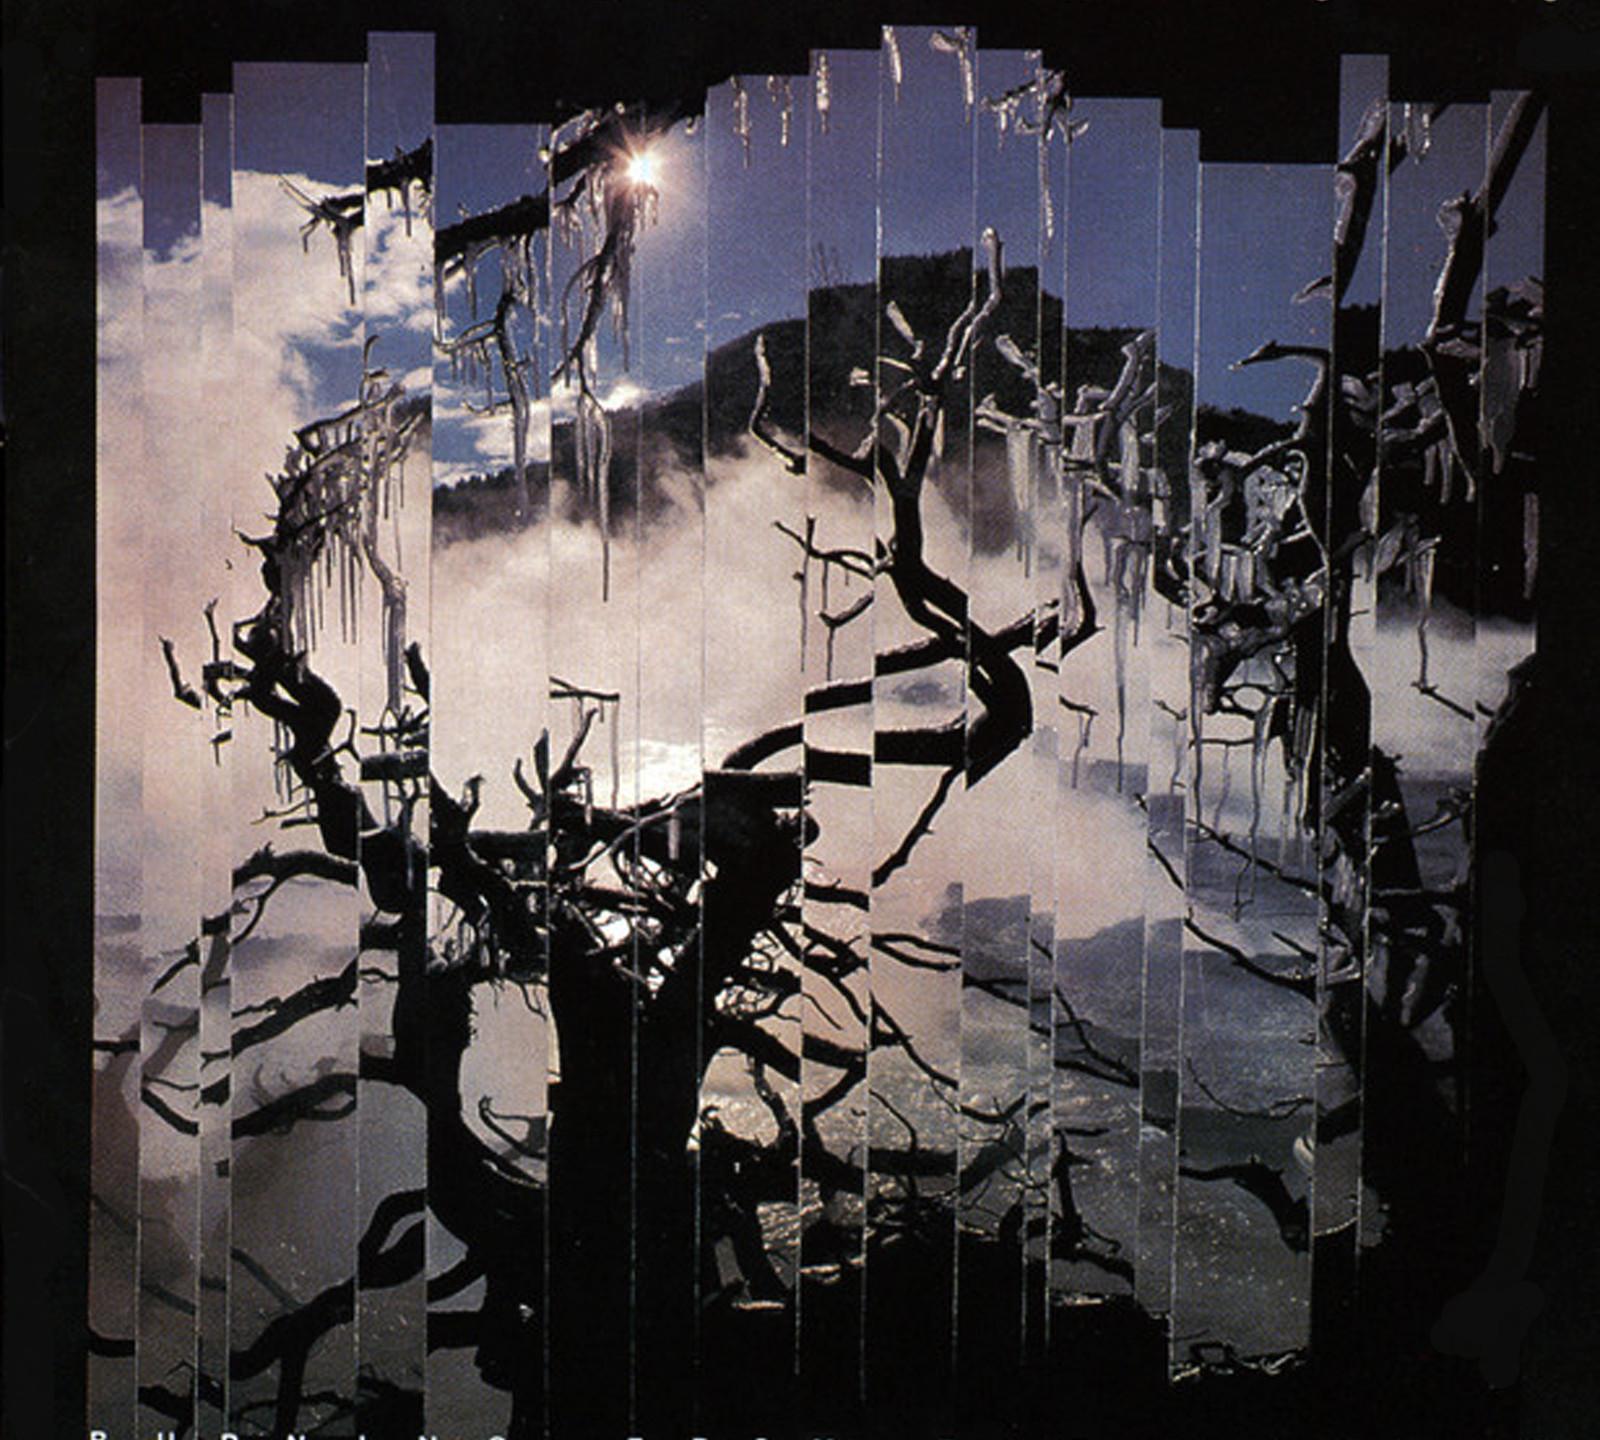 Bauhaus - Burning from the Inside (Beggars Banquet, 1983).